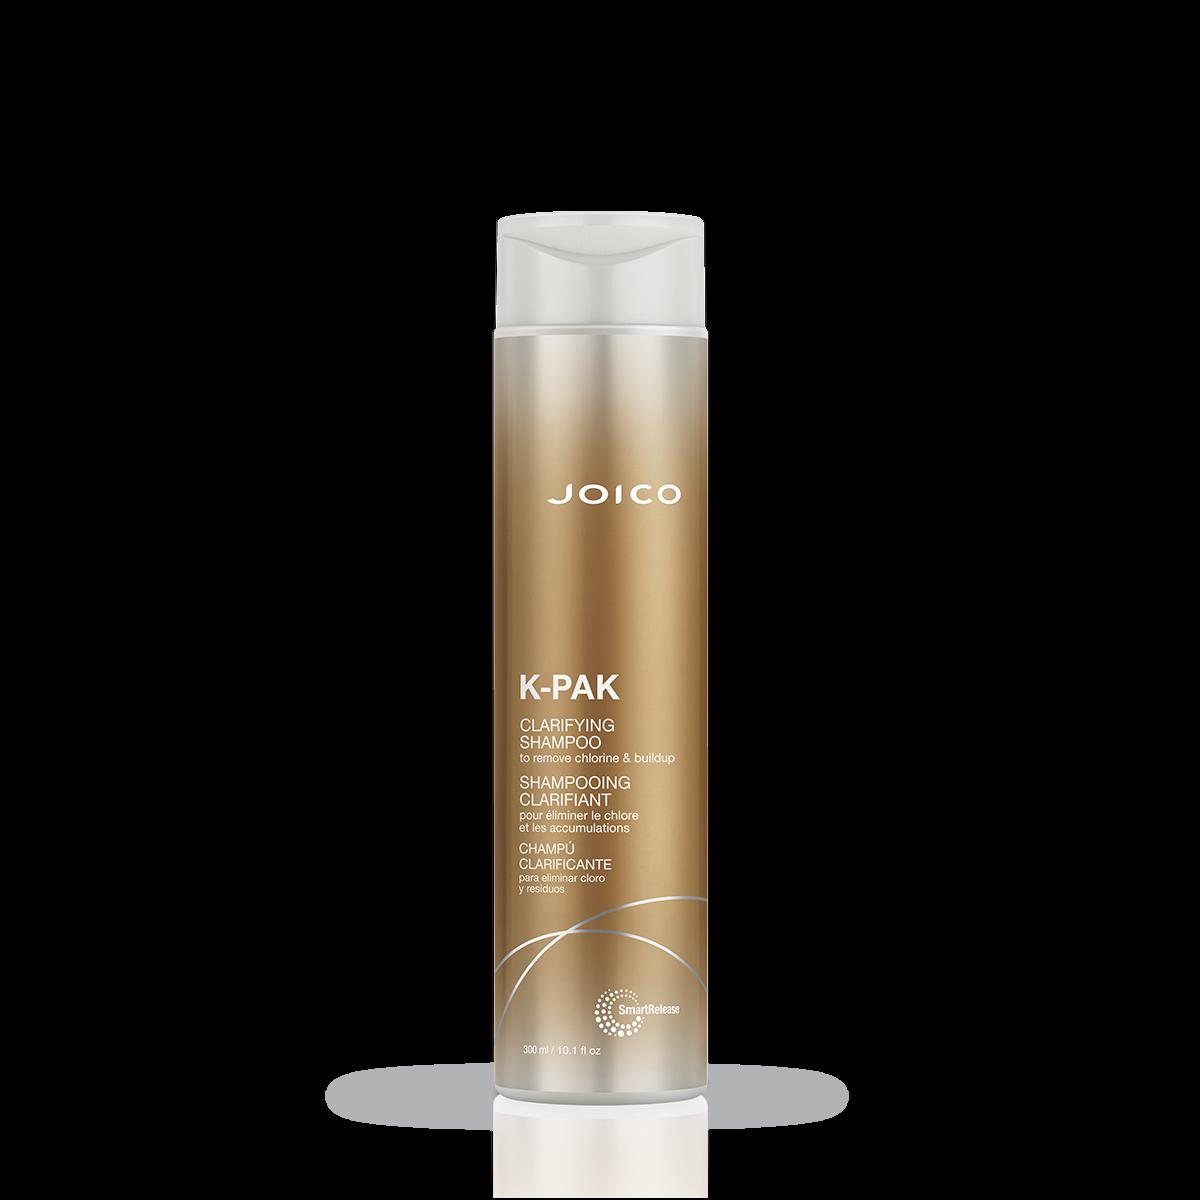 Joico_KPAK_Clarifying_shampoo